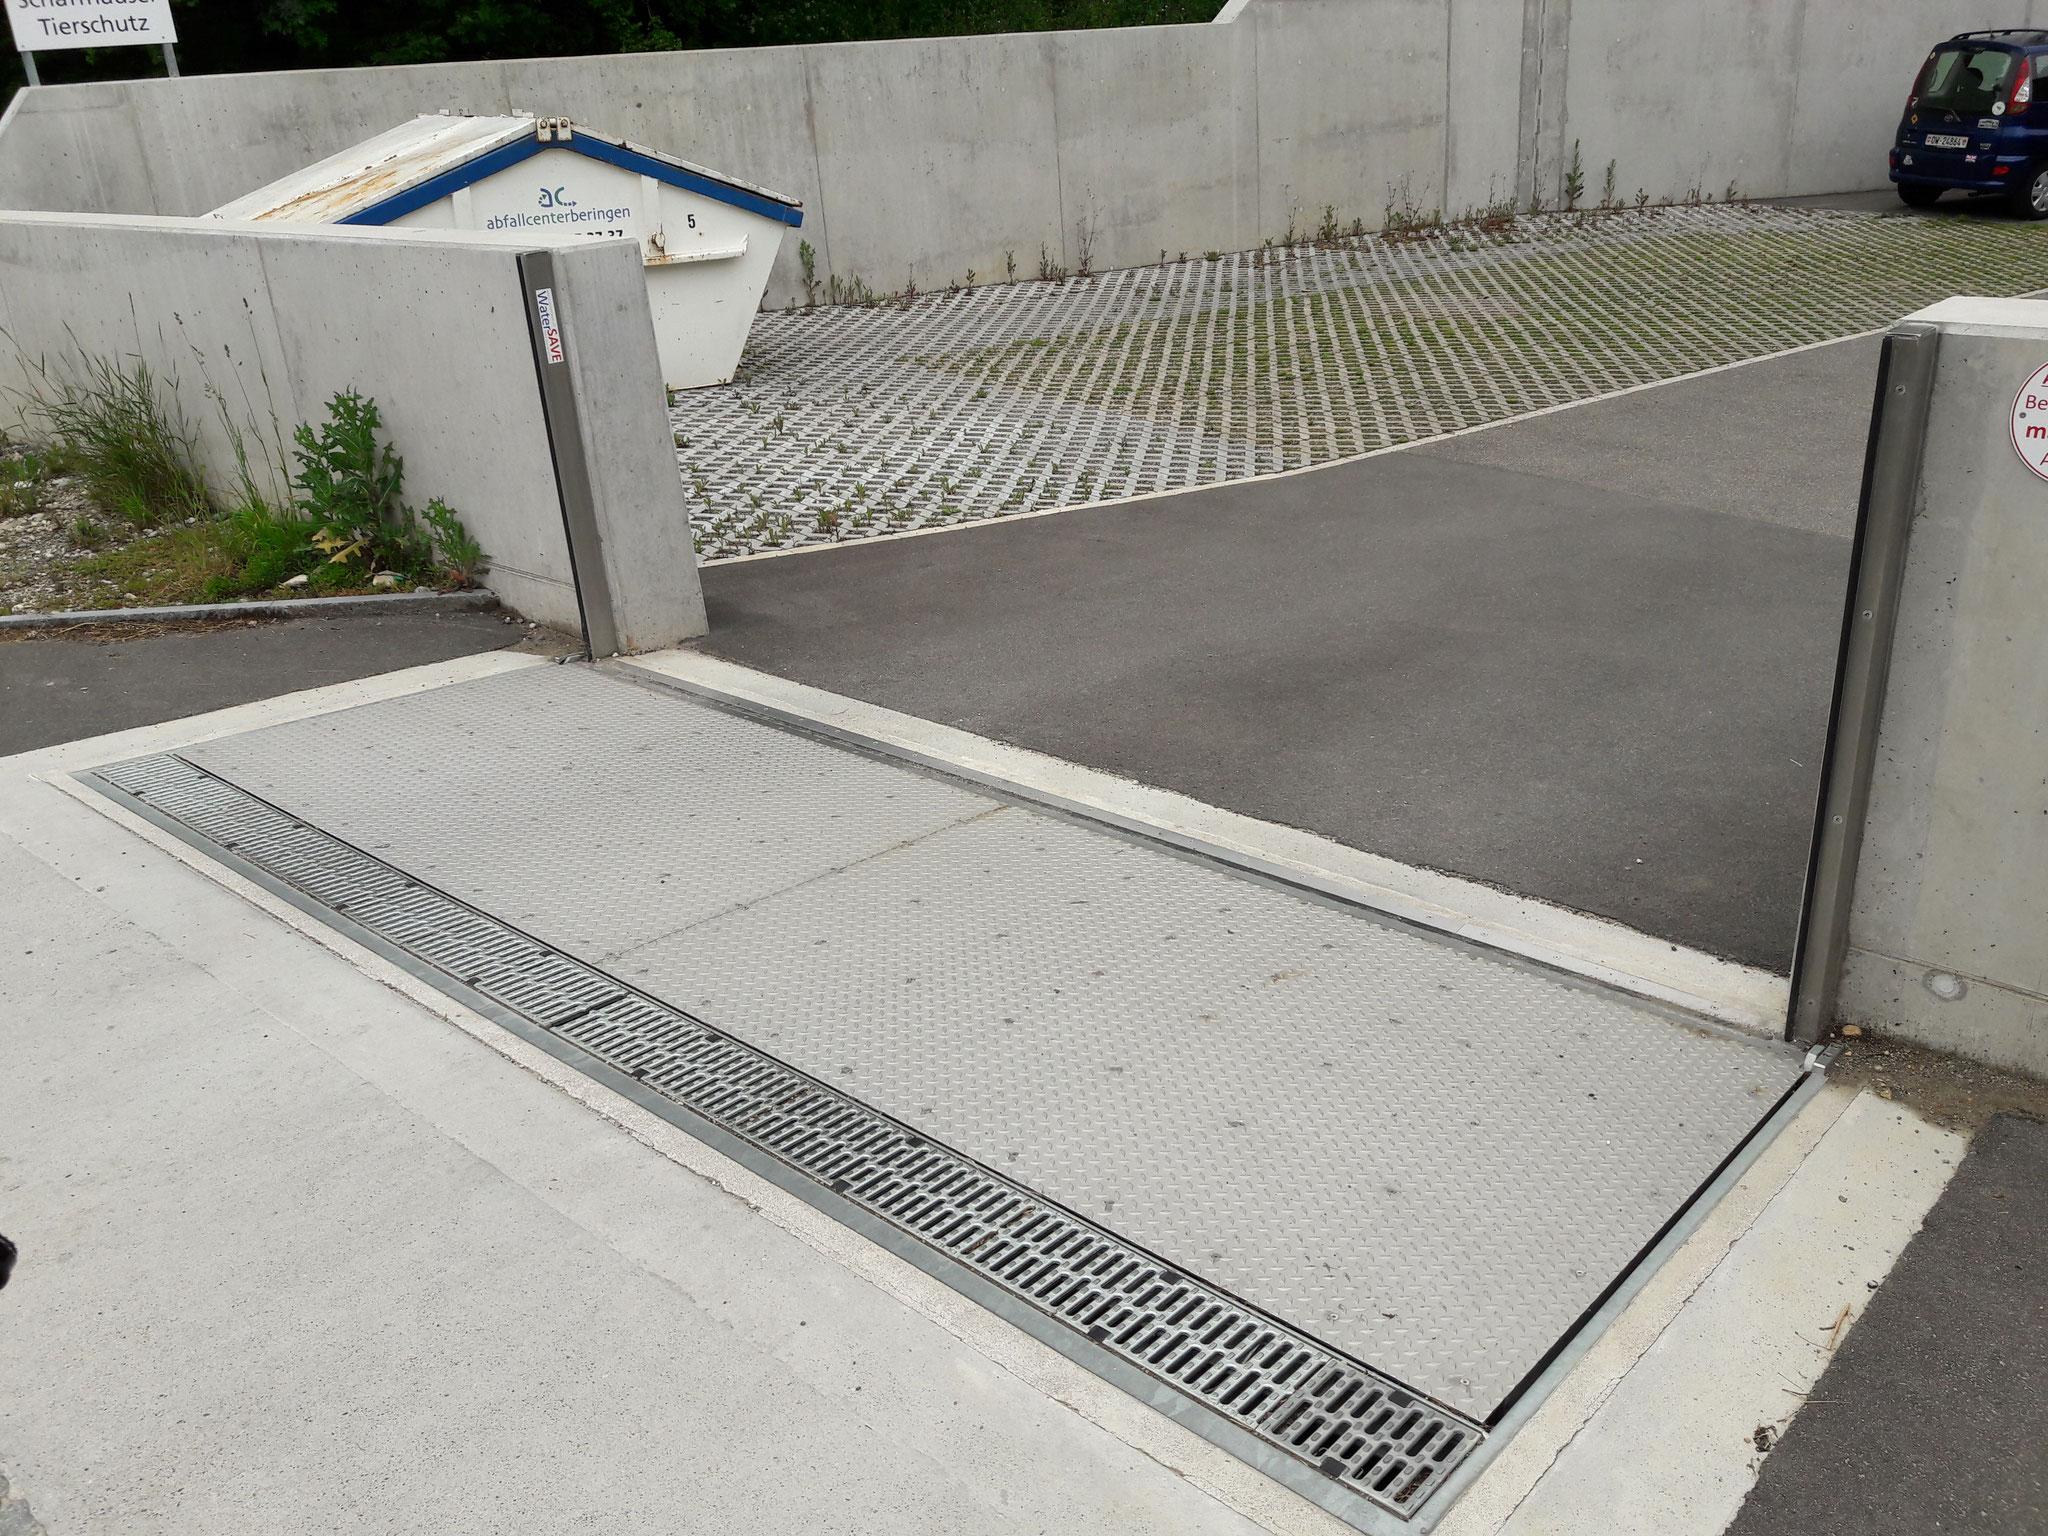 Schutzmauer, Zufahrt mit Klappschott. Dieses schliesst die Zufahrtöffnung bei Hochwasser automatisch, ohne Strom (Bild: Bänziger Kocher Ingenieure AG)